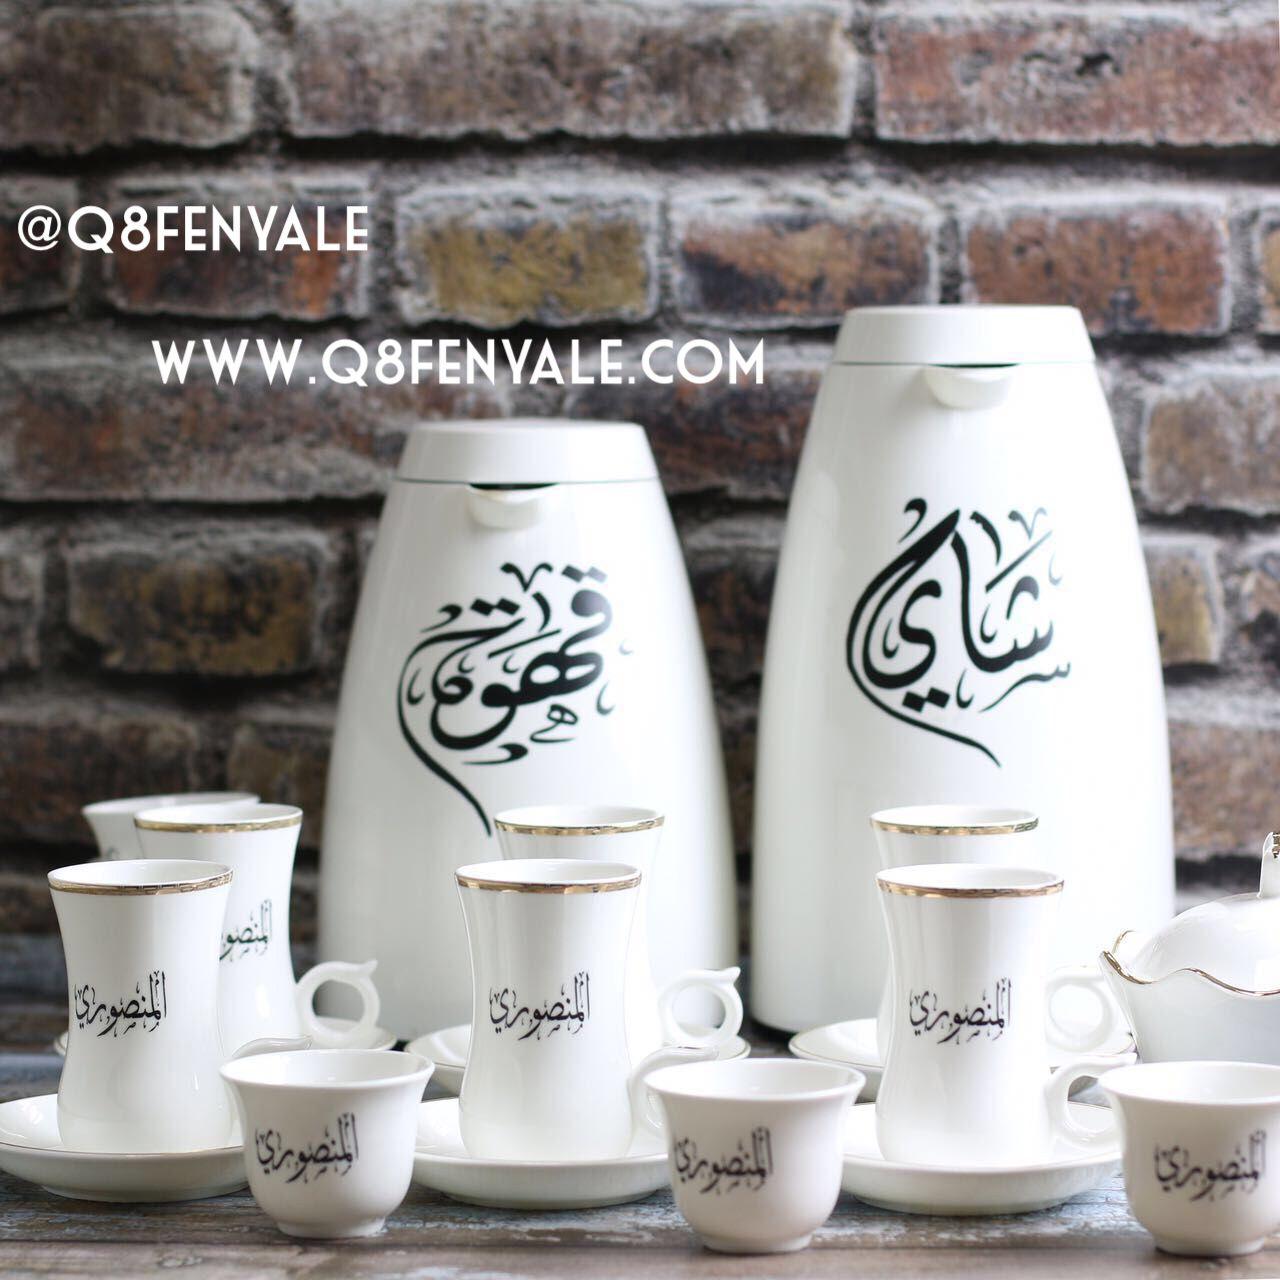 #متجر #فنيالي هو #مشروع #كويتي #للطباعة #الحرارية على # ...